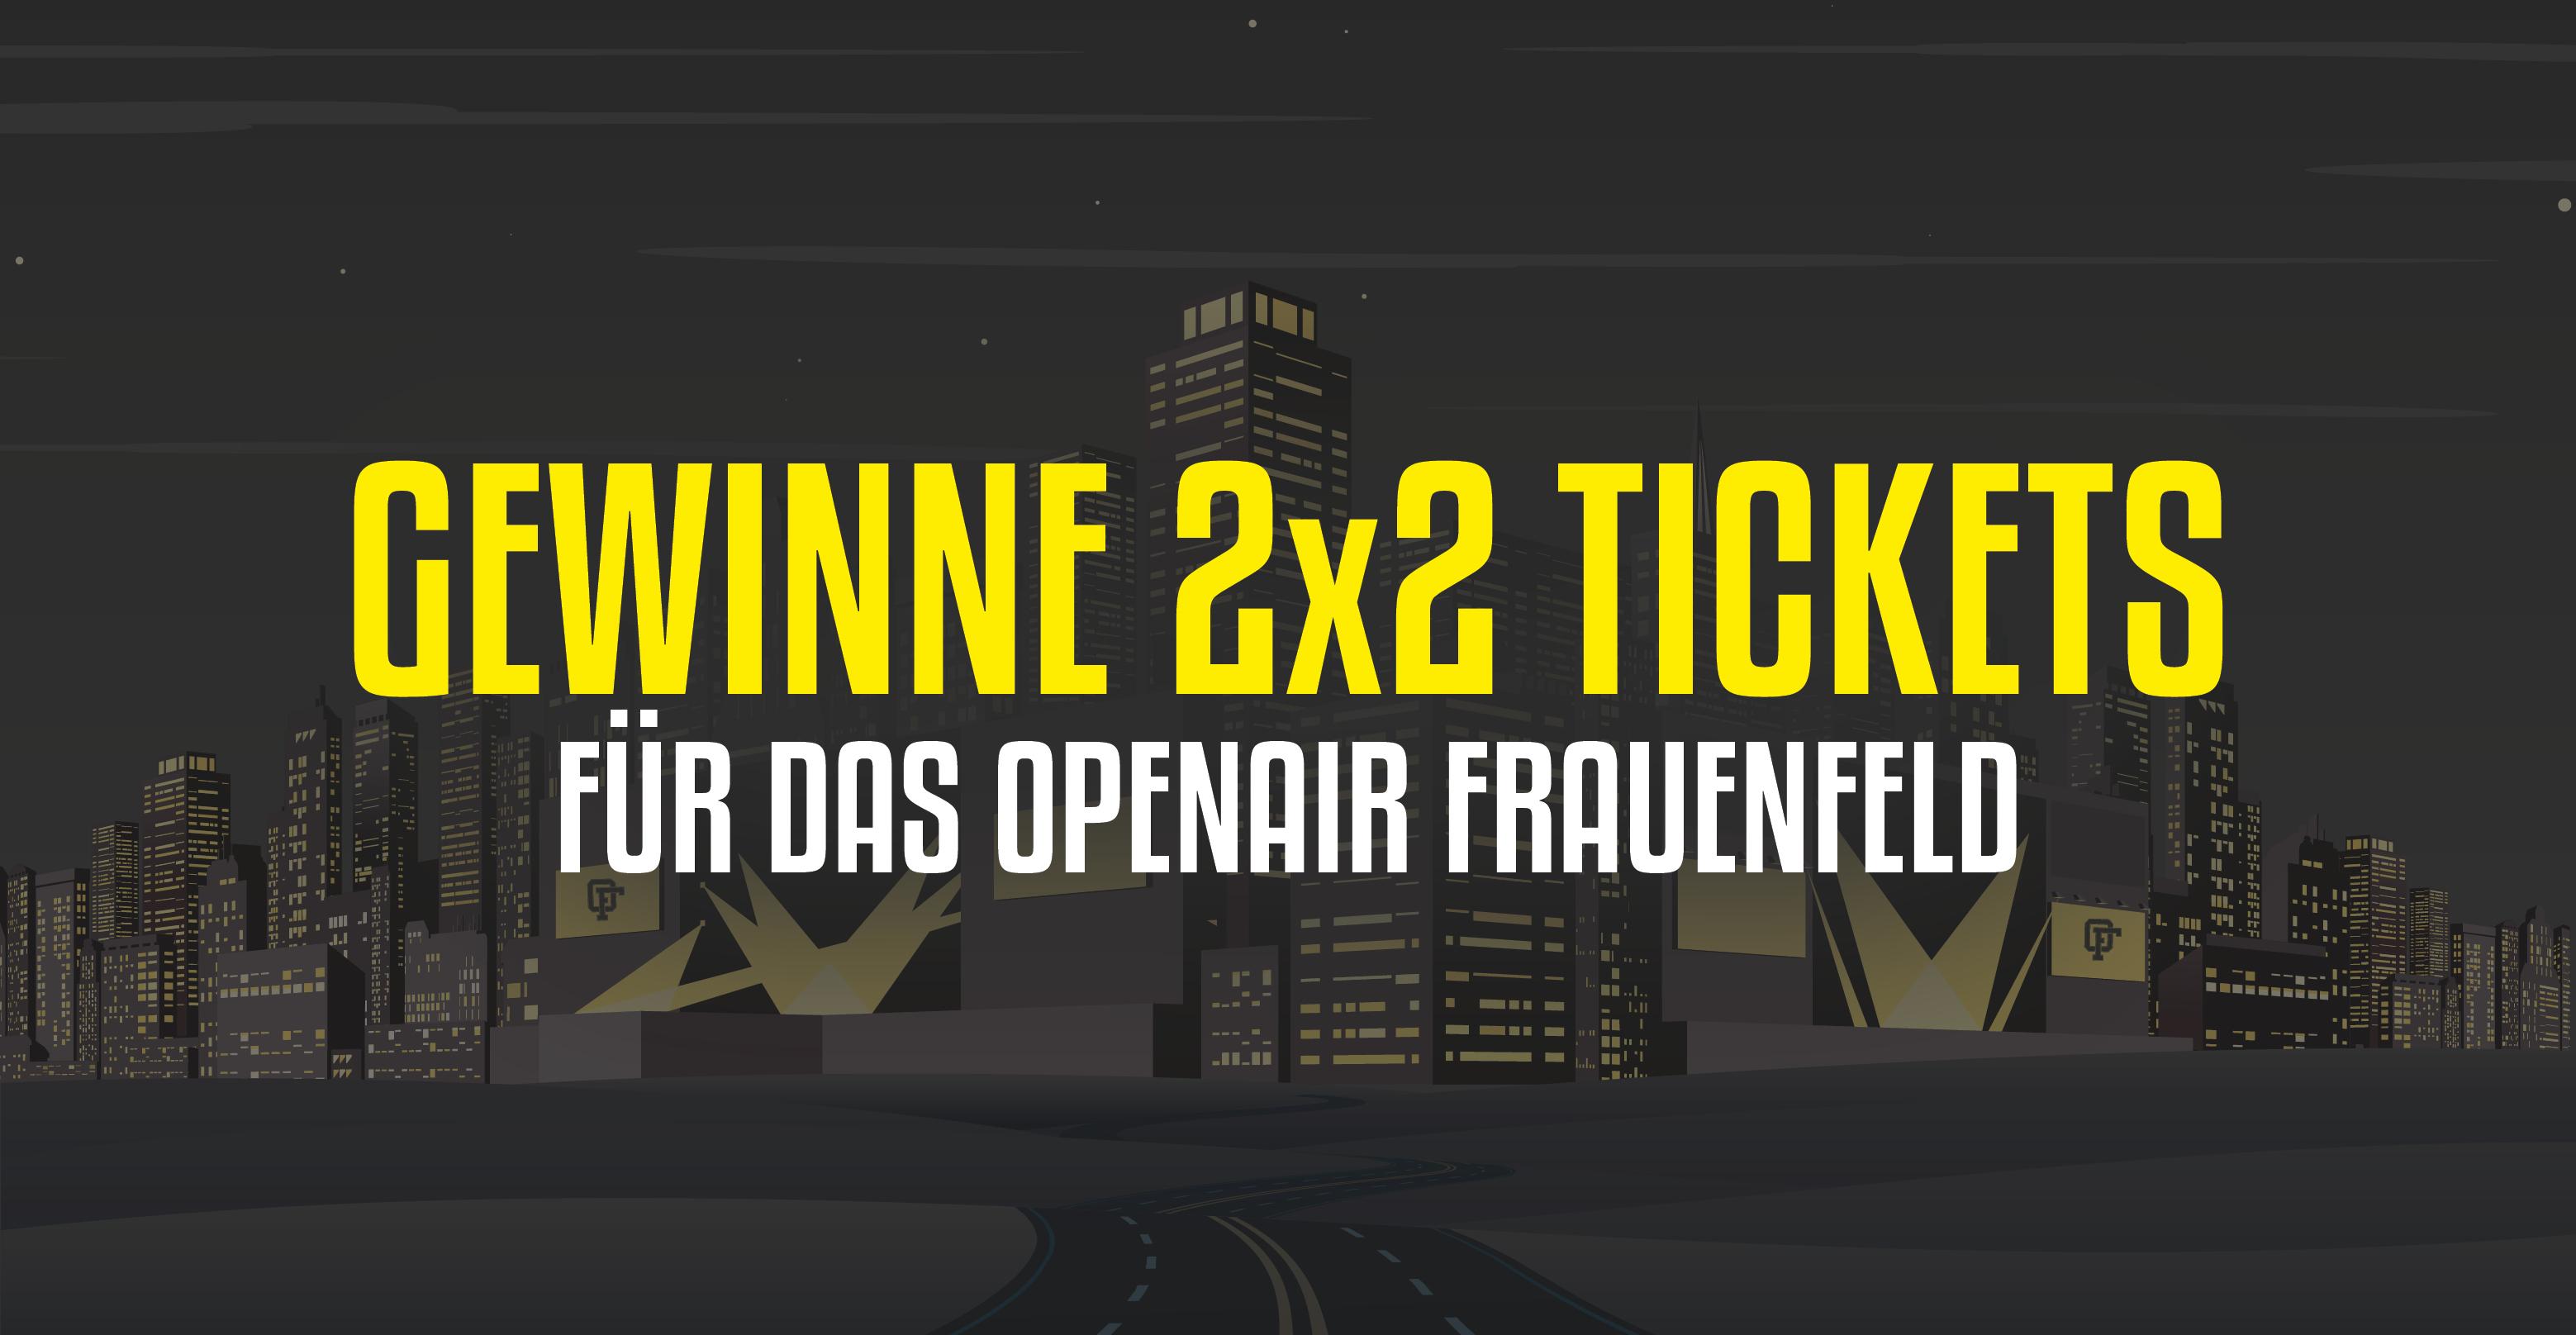 Tickets fürs Openair Frauenfeld gewinnen